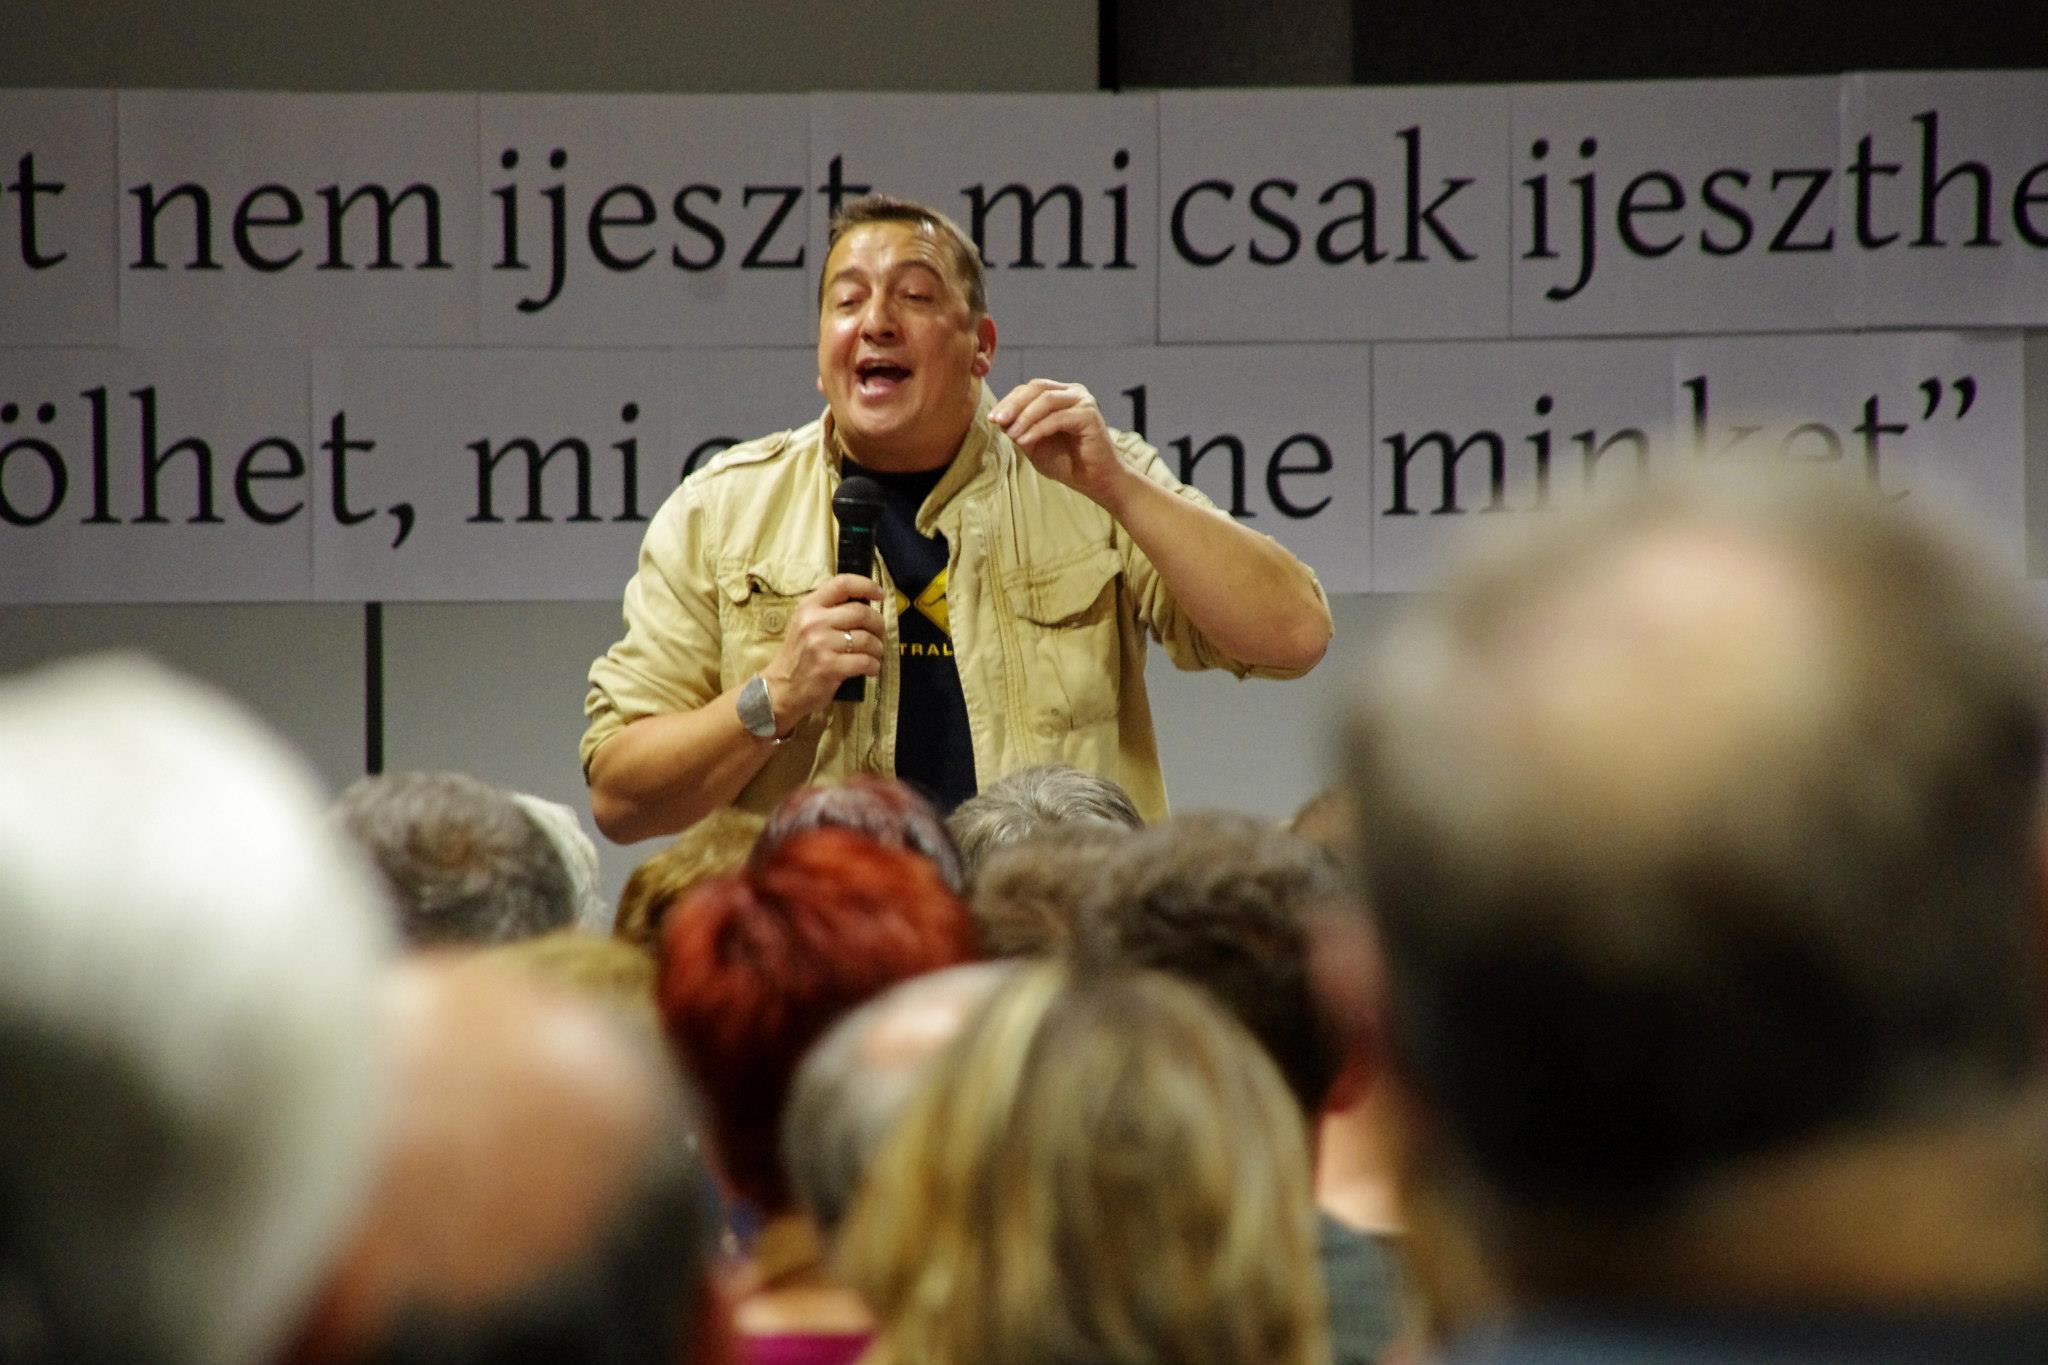 Szép lesz: Bayer Zsolt Békemenete együtt vonulhat a Betyársereggel a tüntetők ellen